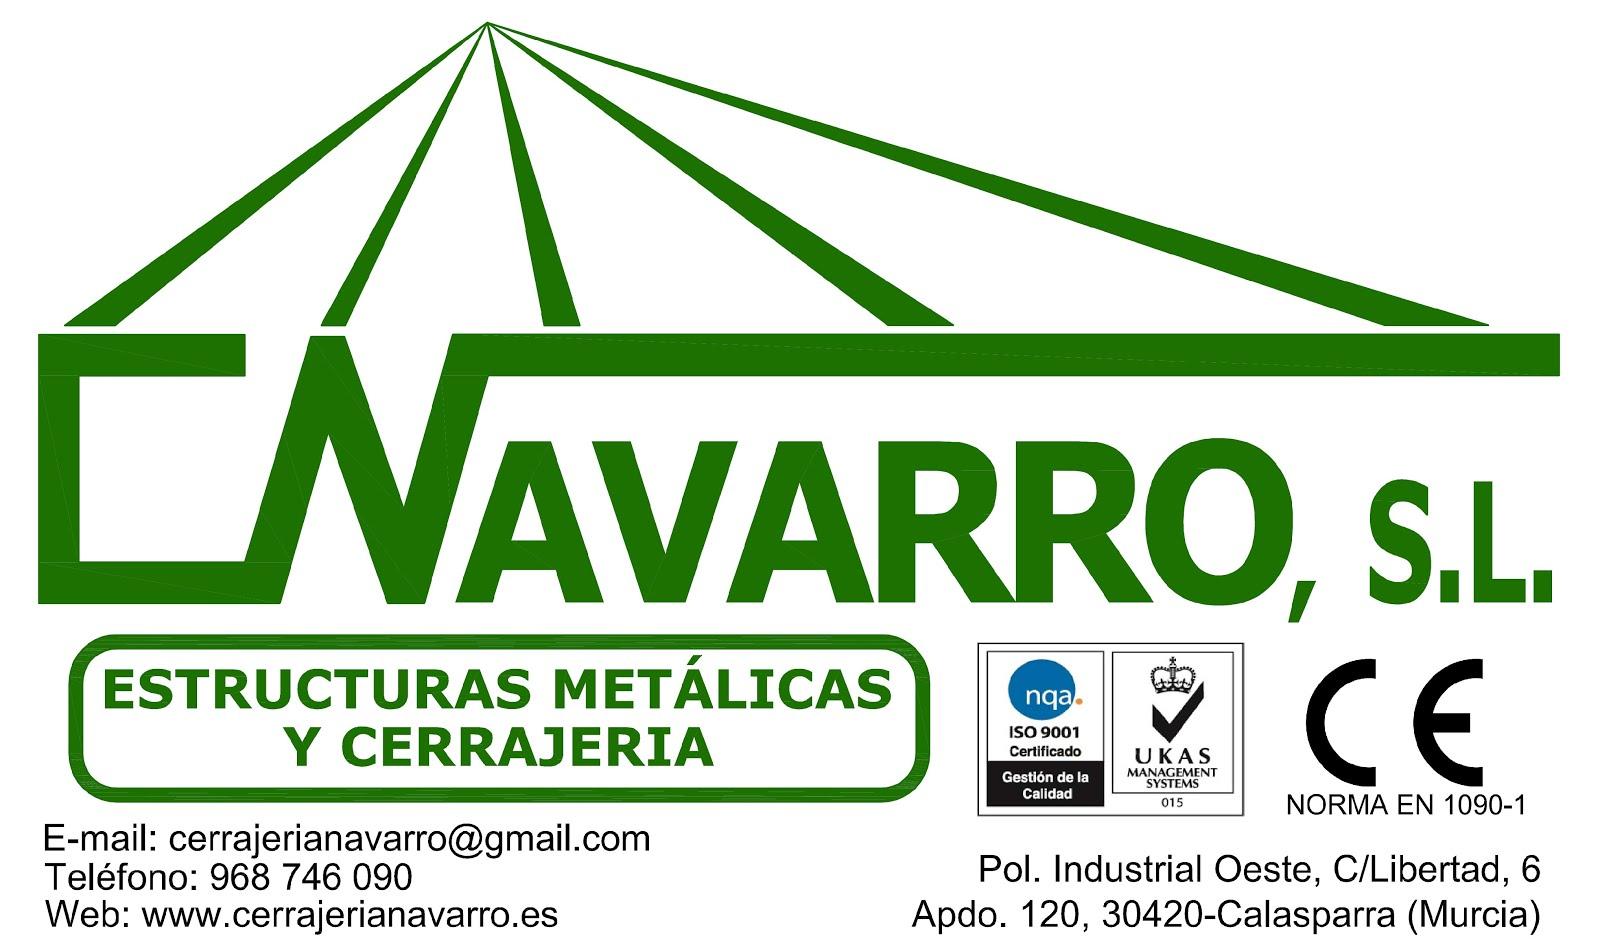 Cerrajería Navarro